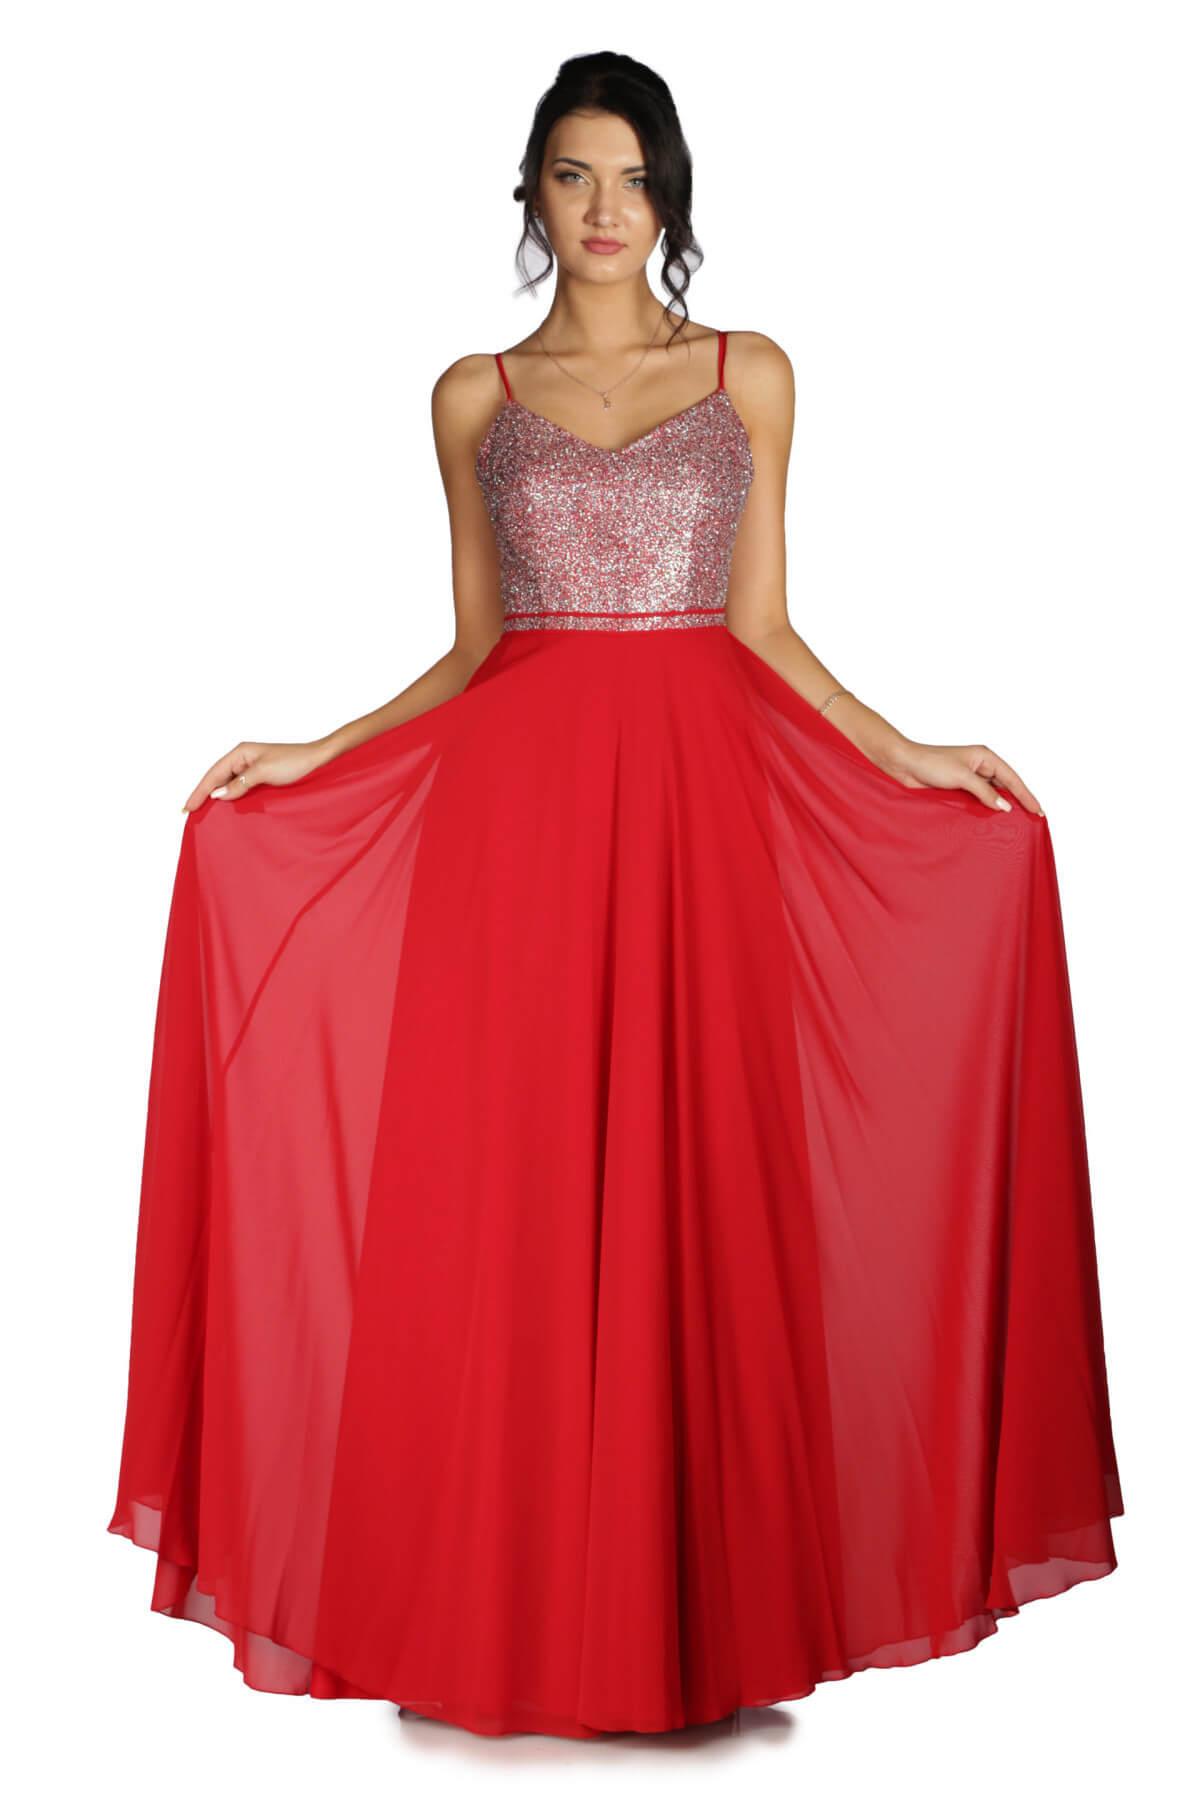 530d5d8d587d2 Pierre Cardin Kadın Kırmızı Üstü Simli Altı Şifon Uzun Abiye Elbise PC55163